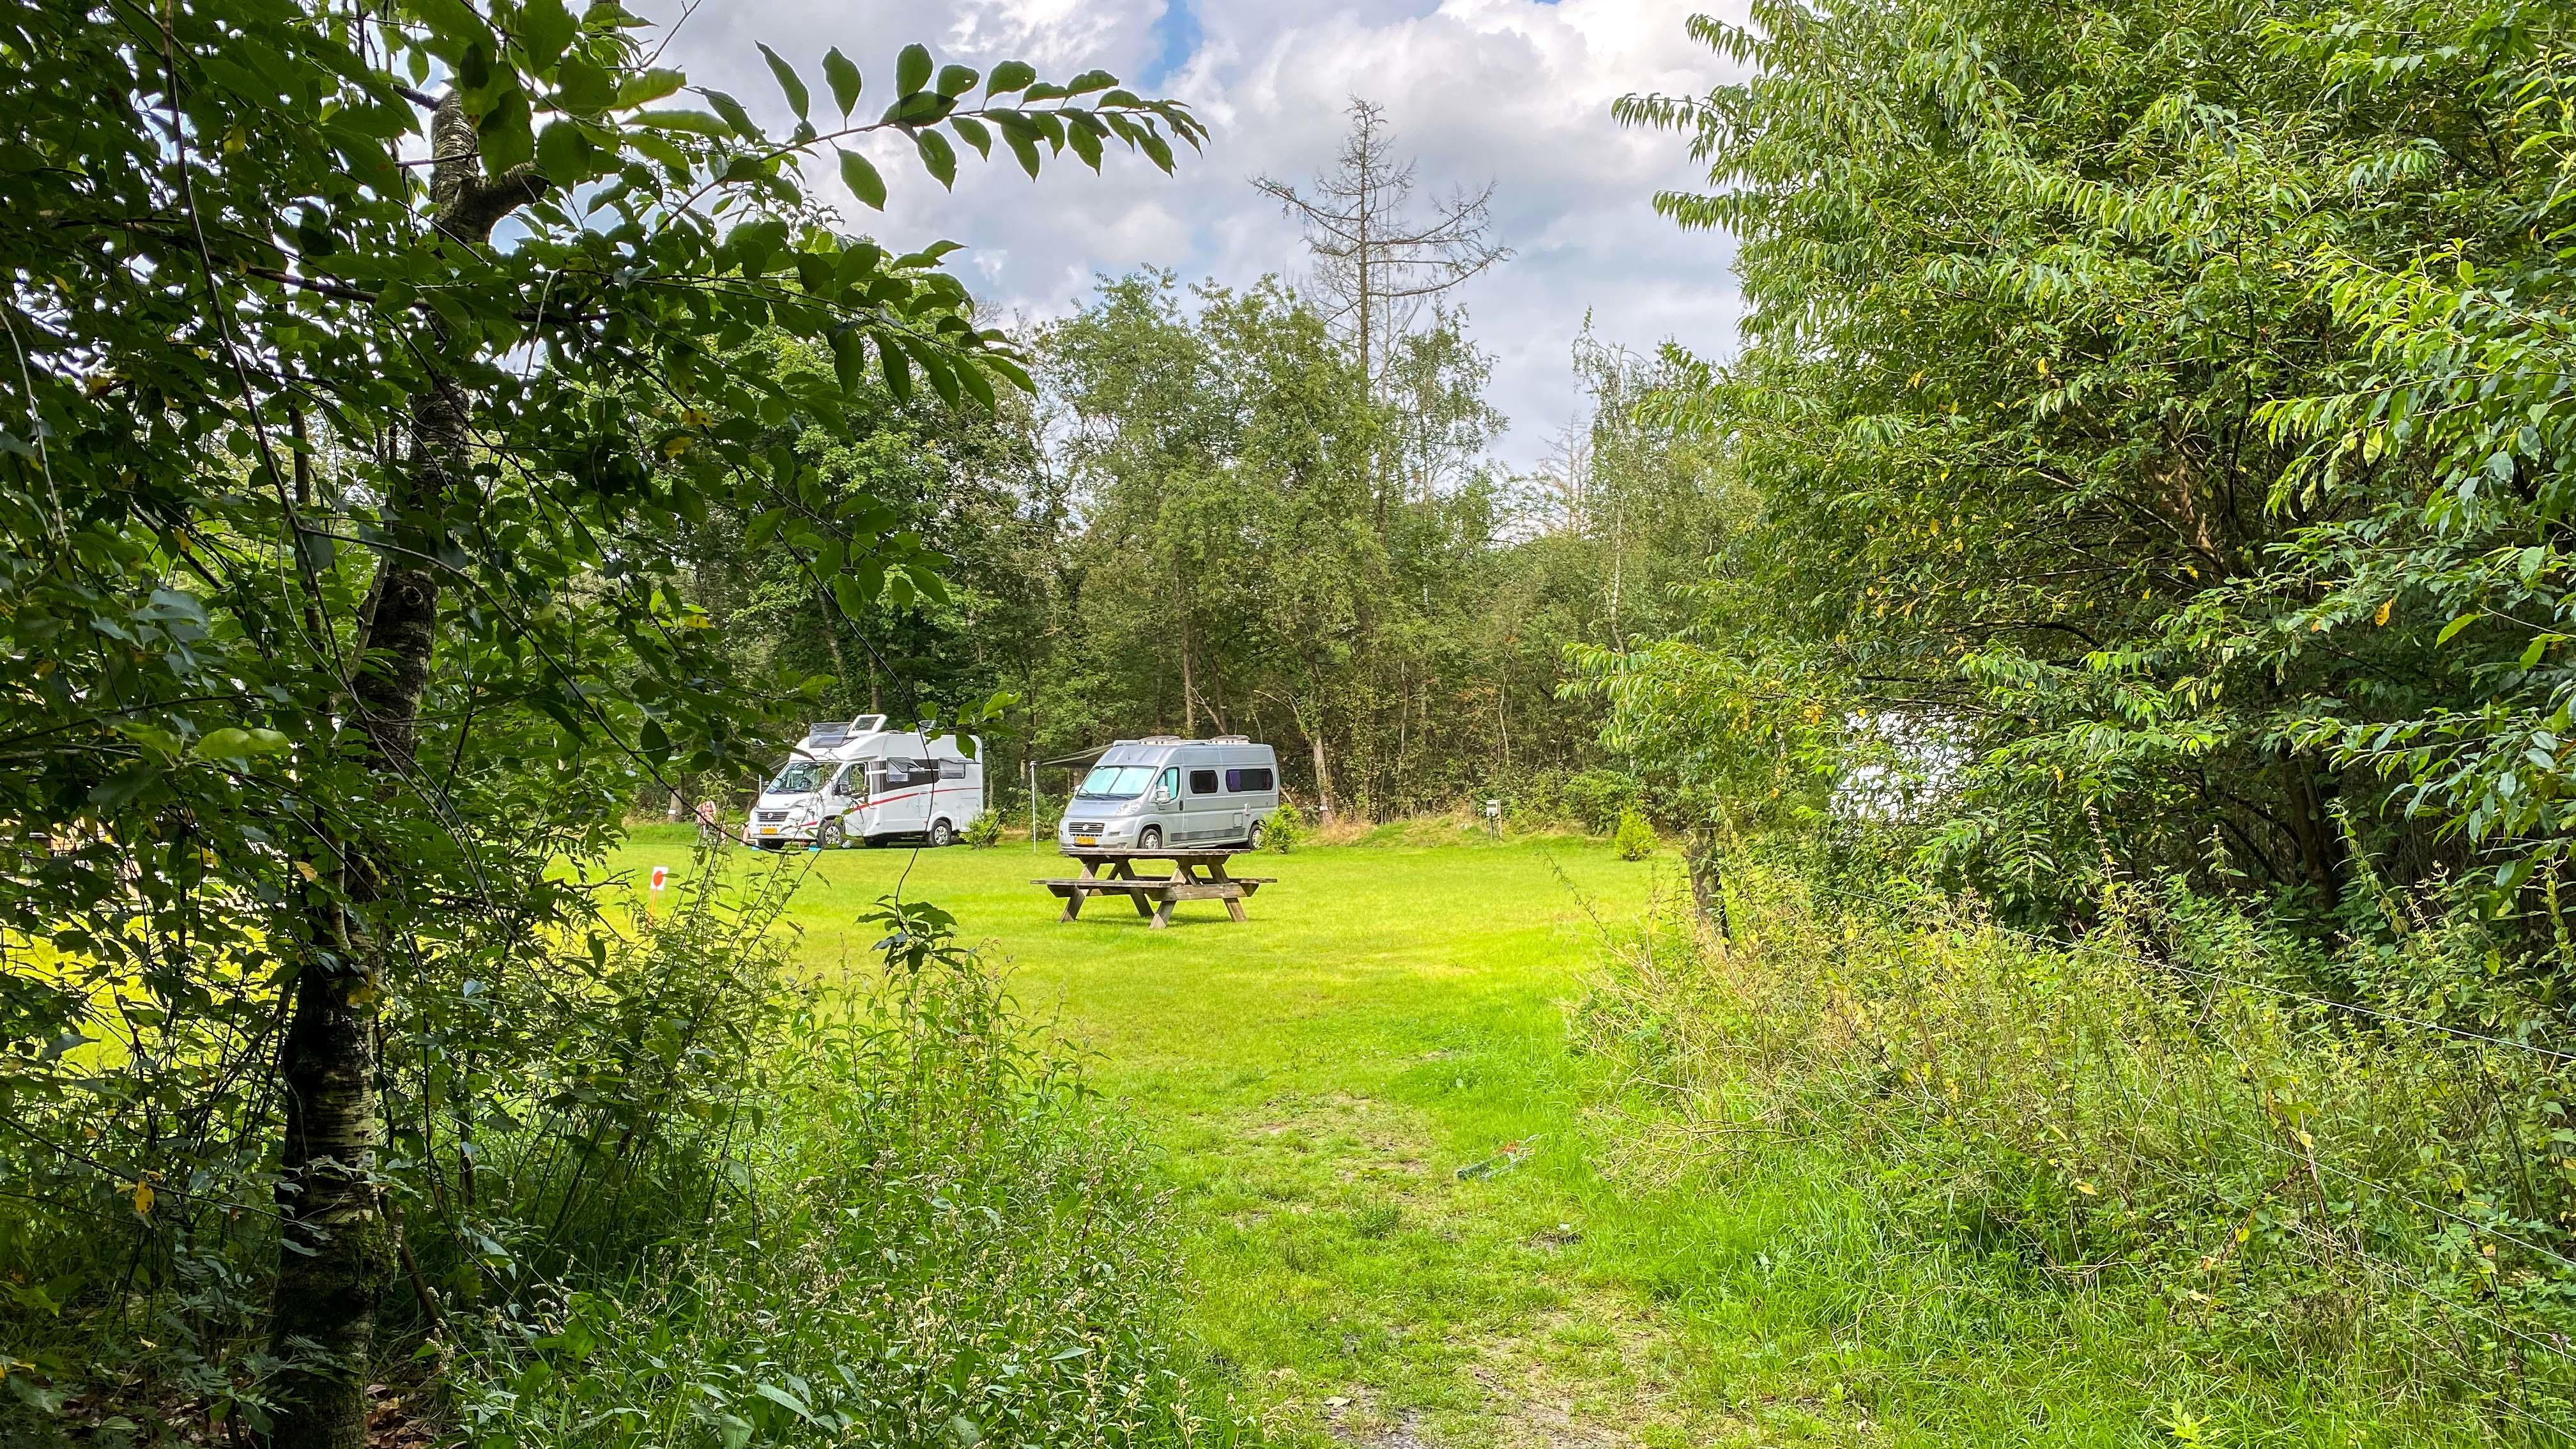 Camperplaats Kale Duinen, een leuke tip voor natuurliefhebbers